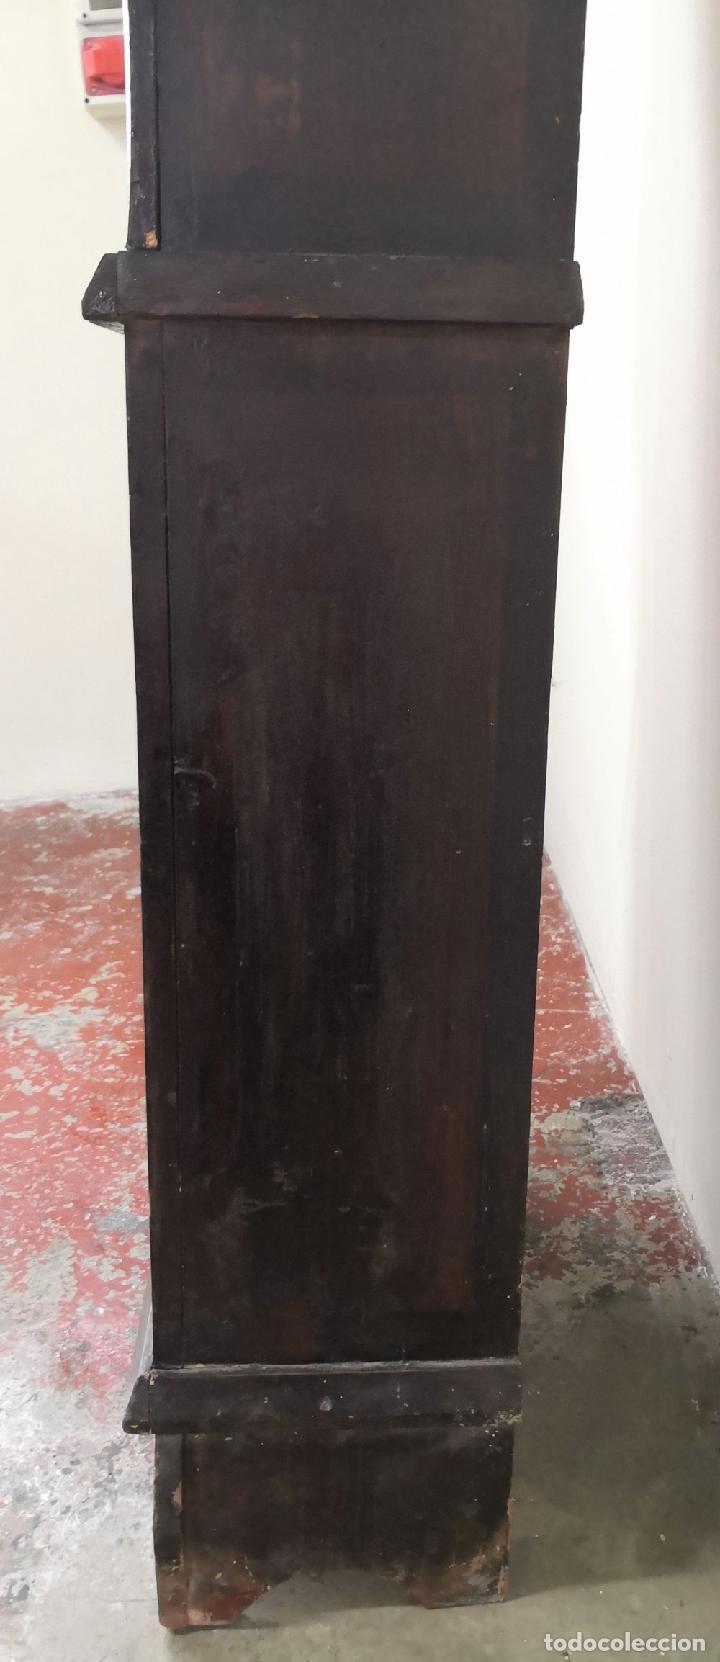 Relojes de pie: ESTRUCTURA DE RELOJ DE PIE. MADERA POLICROMADA. ESPAÑA. SIGLO XIX. - Foto 14 - 197312920